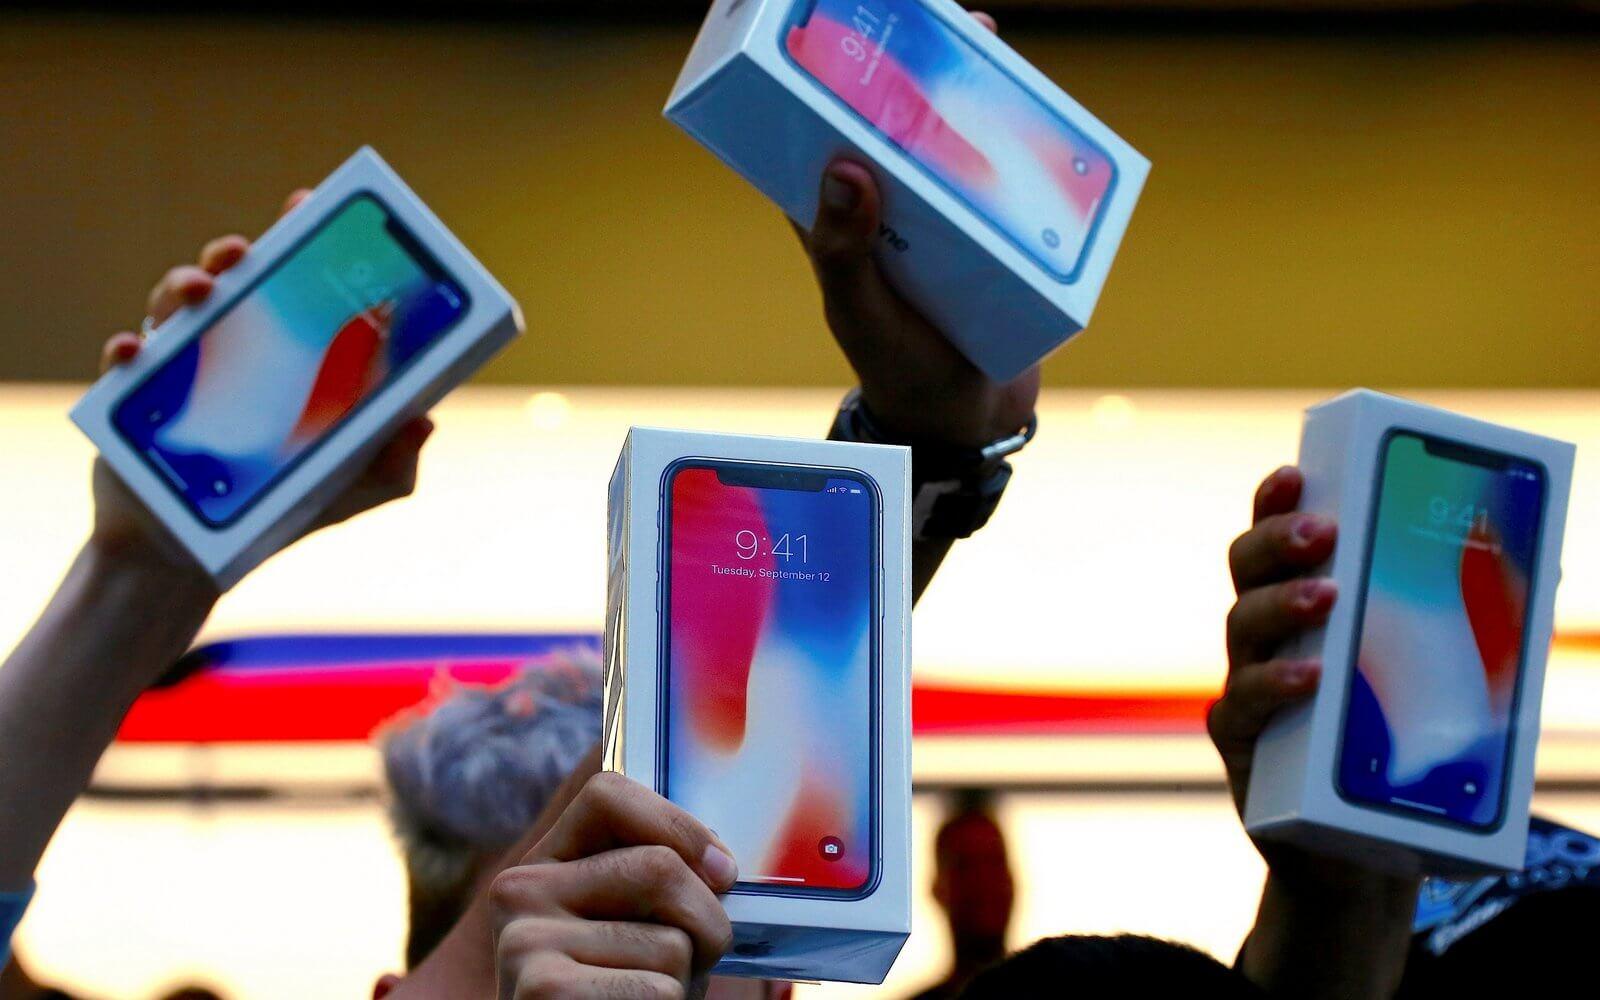 ФАС намерена проверить российские цены на iPhone X